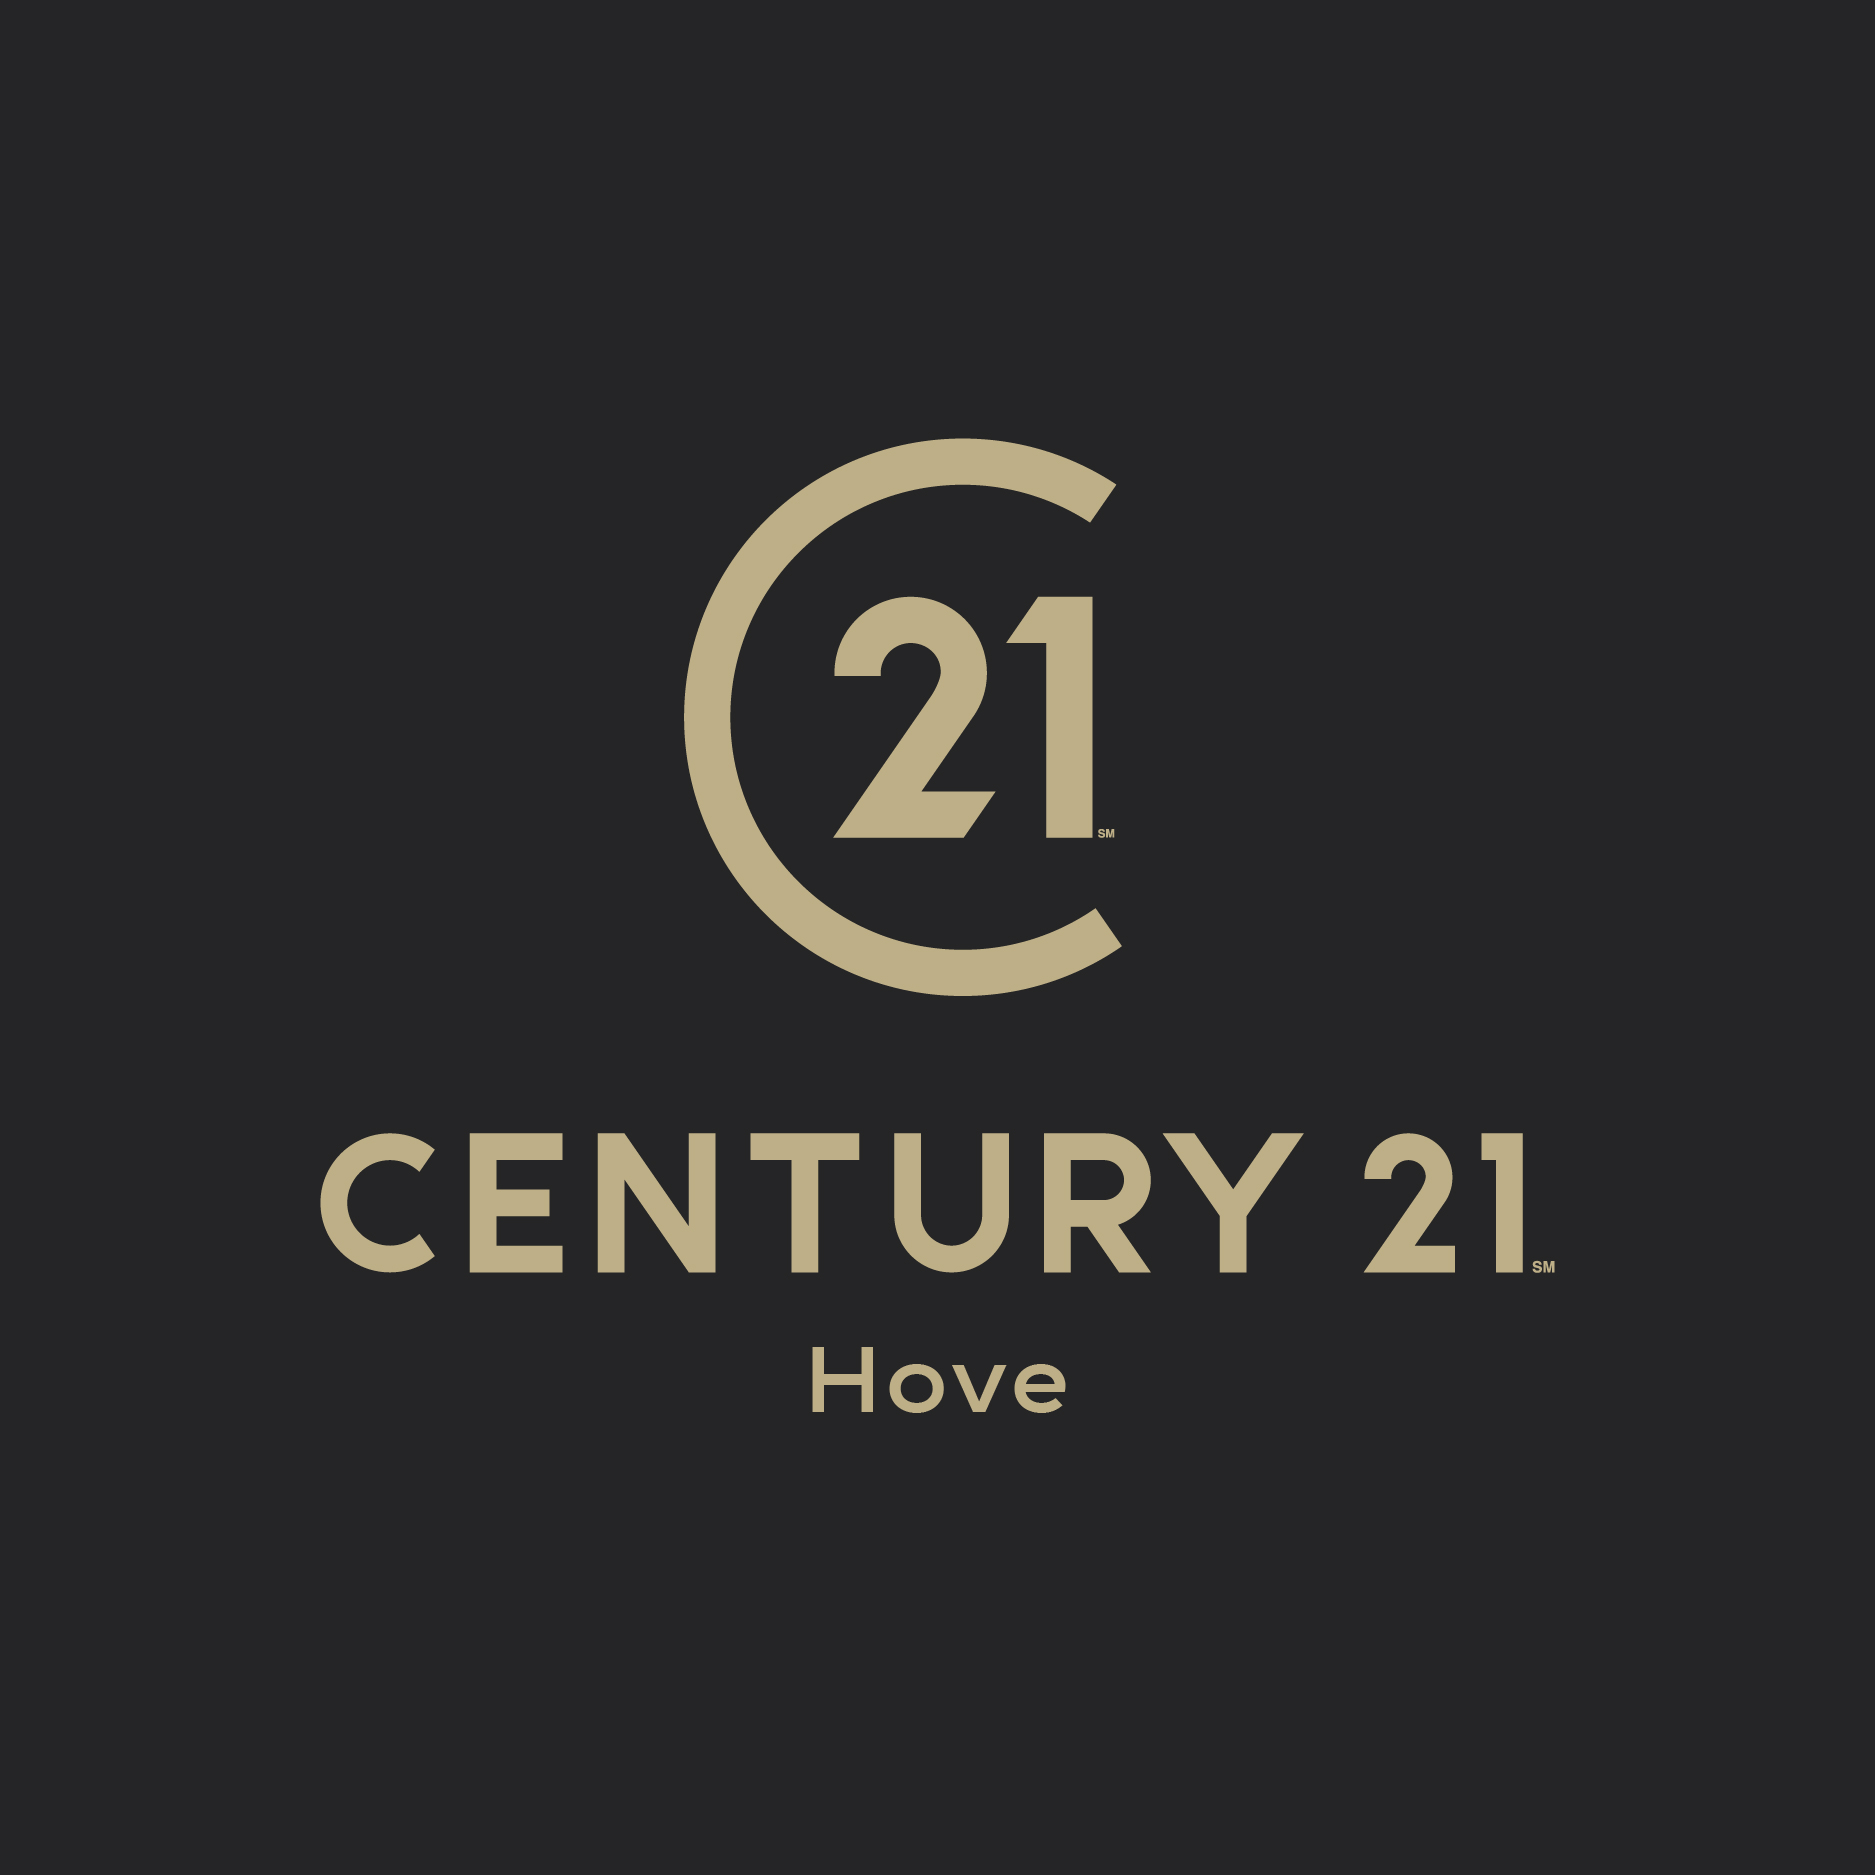 Century 21 - Hove